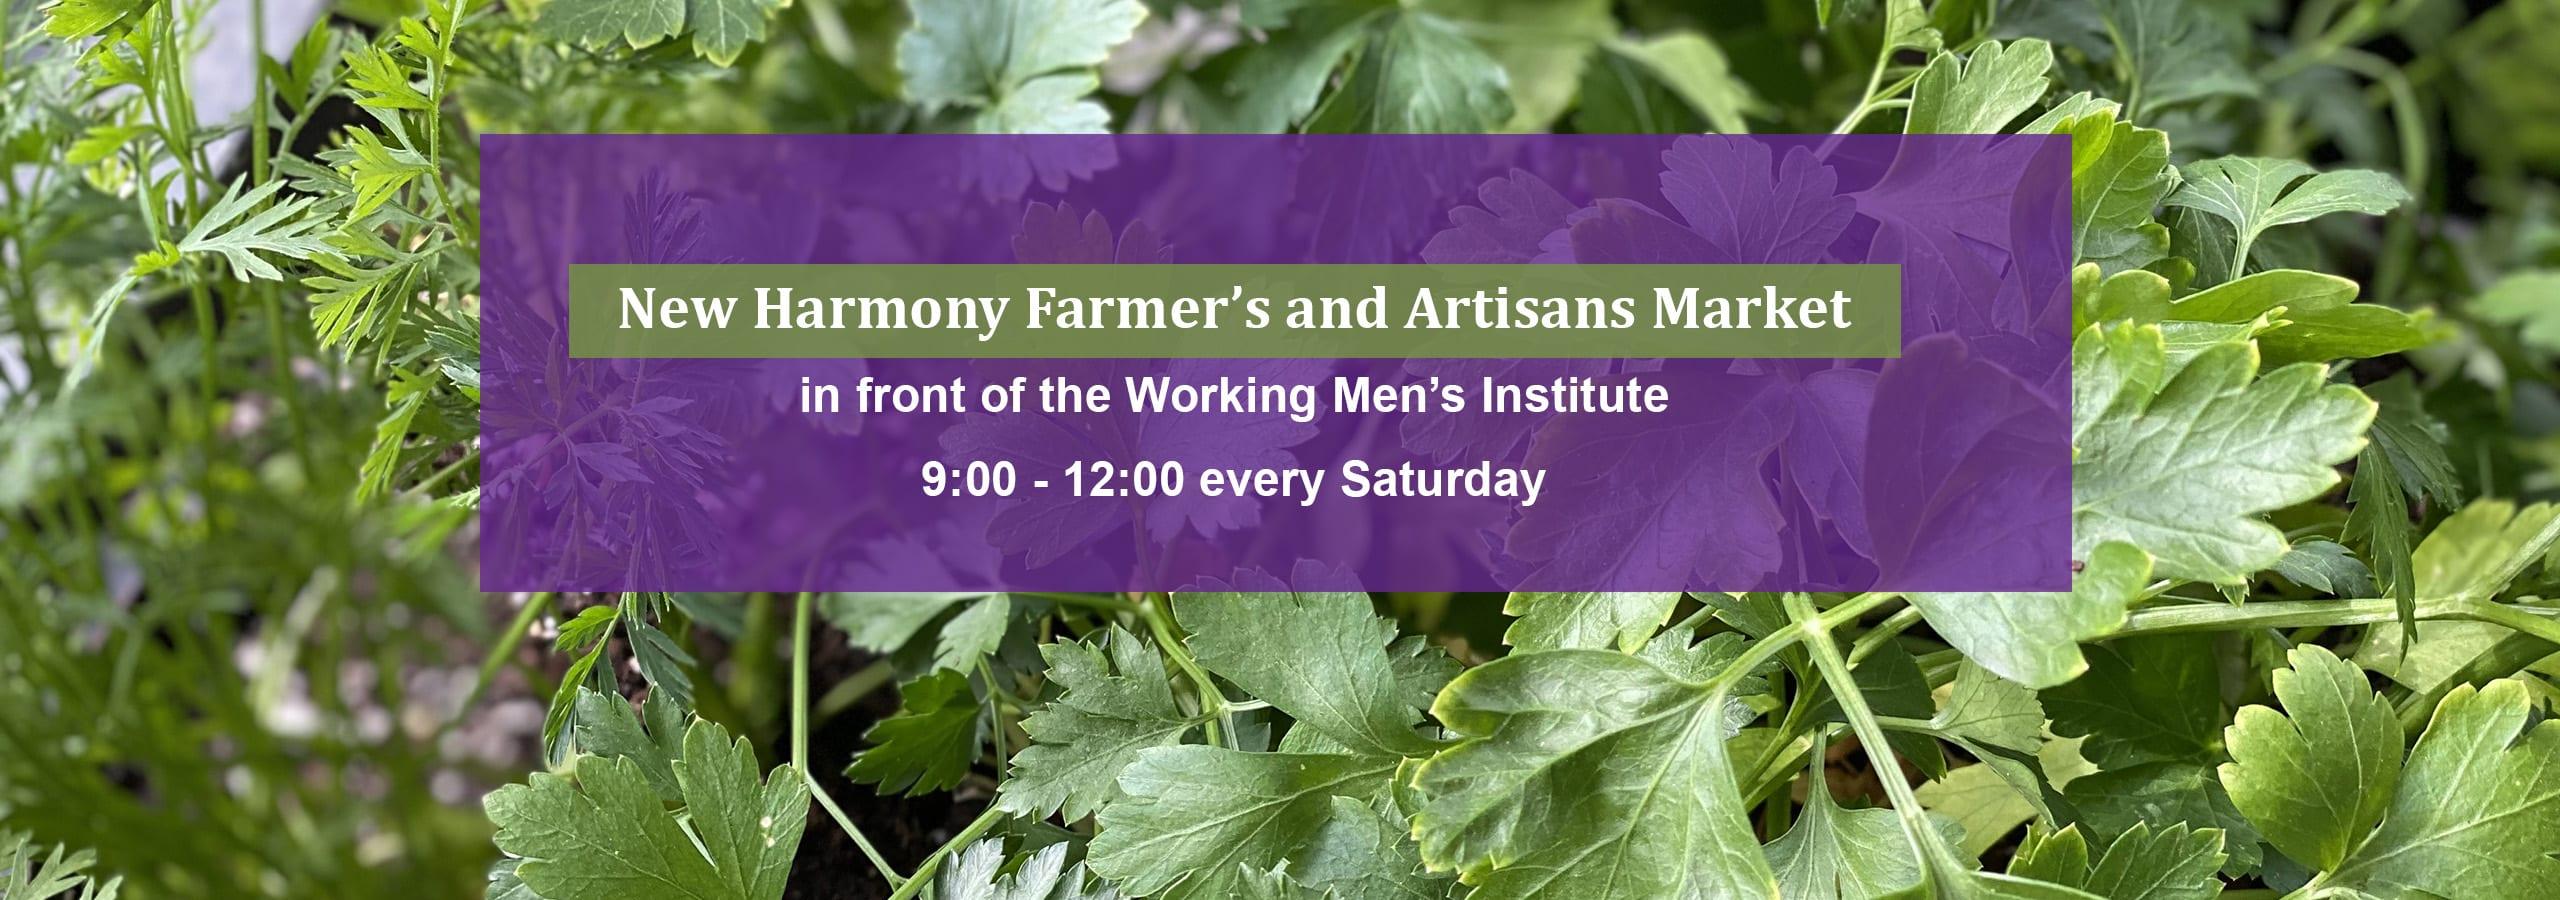 New Harmony Farmer's and Artisans Market